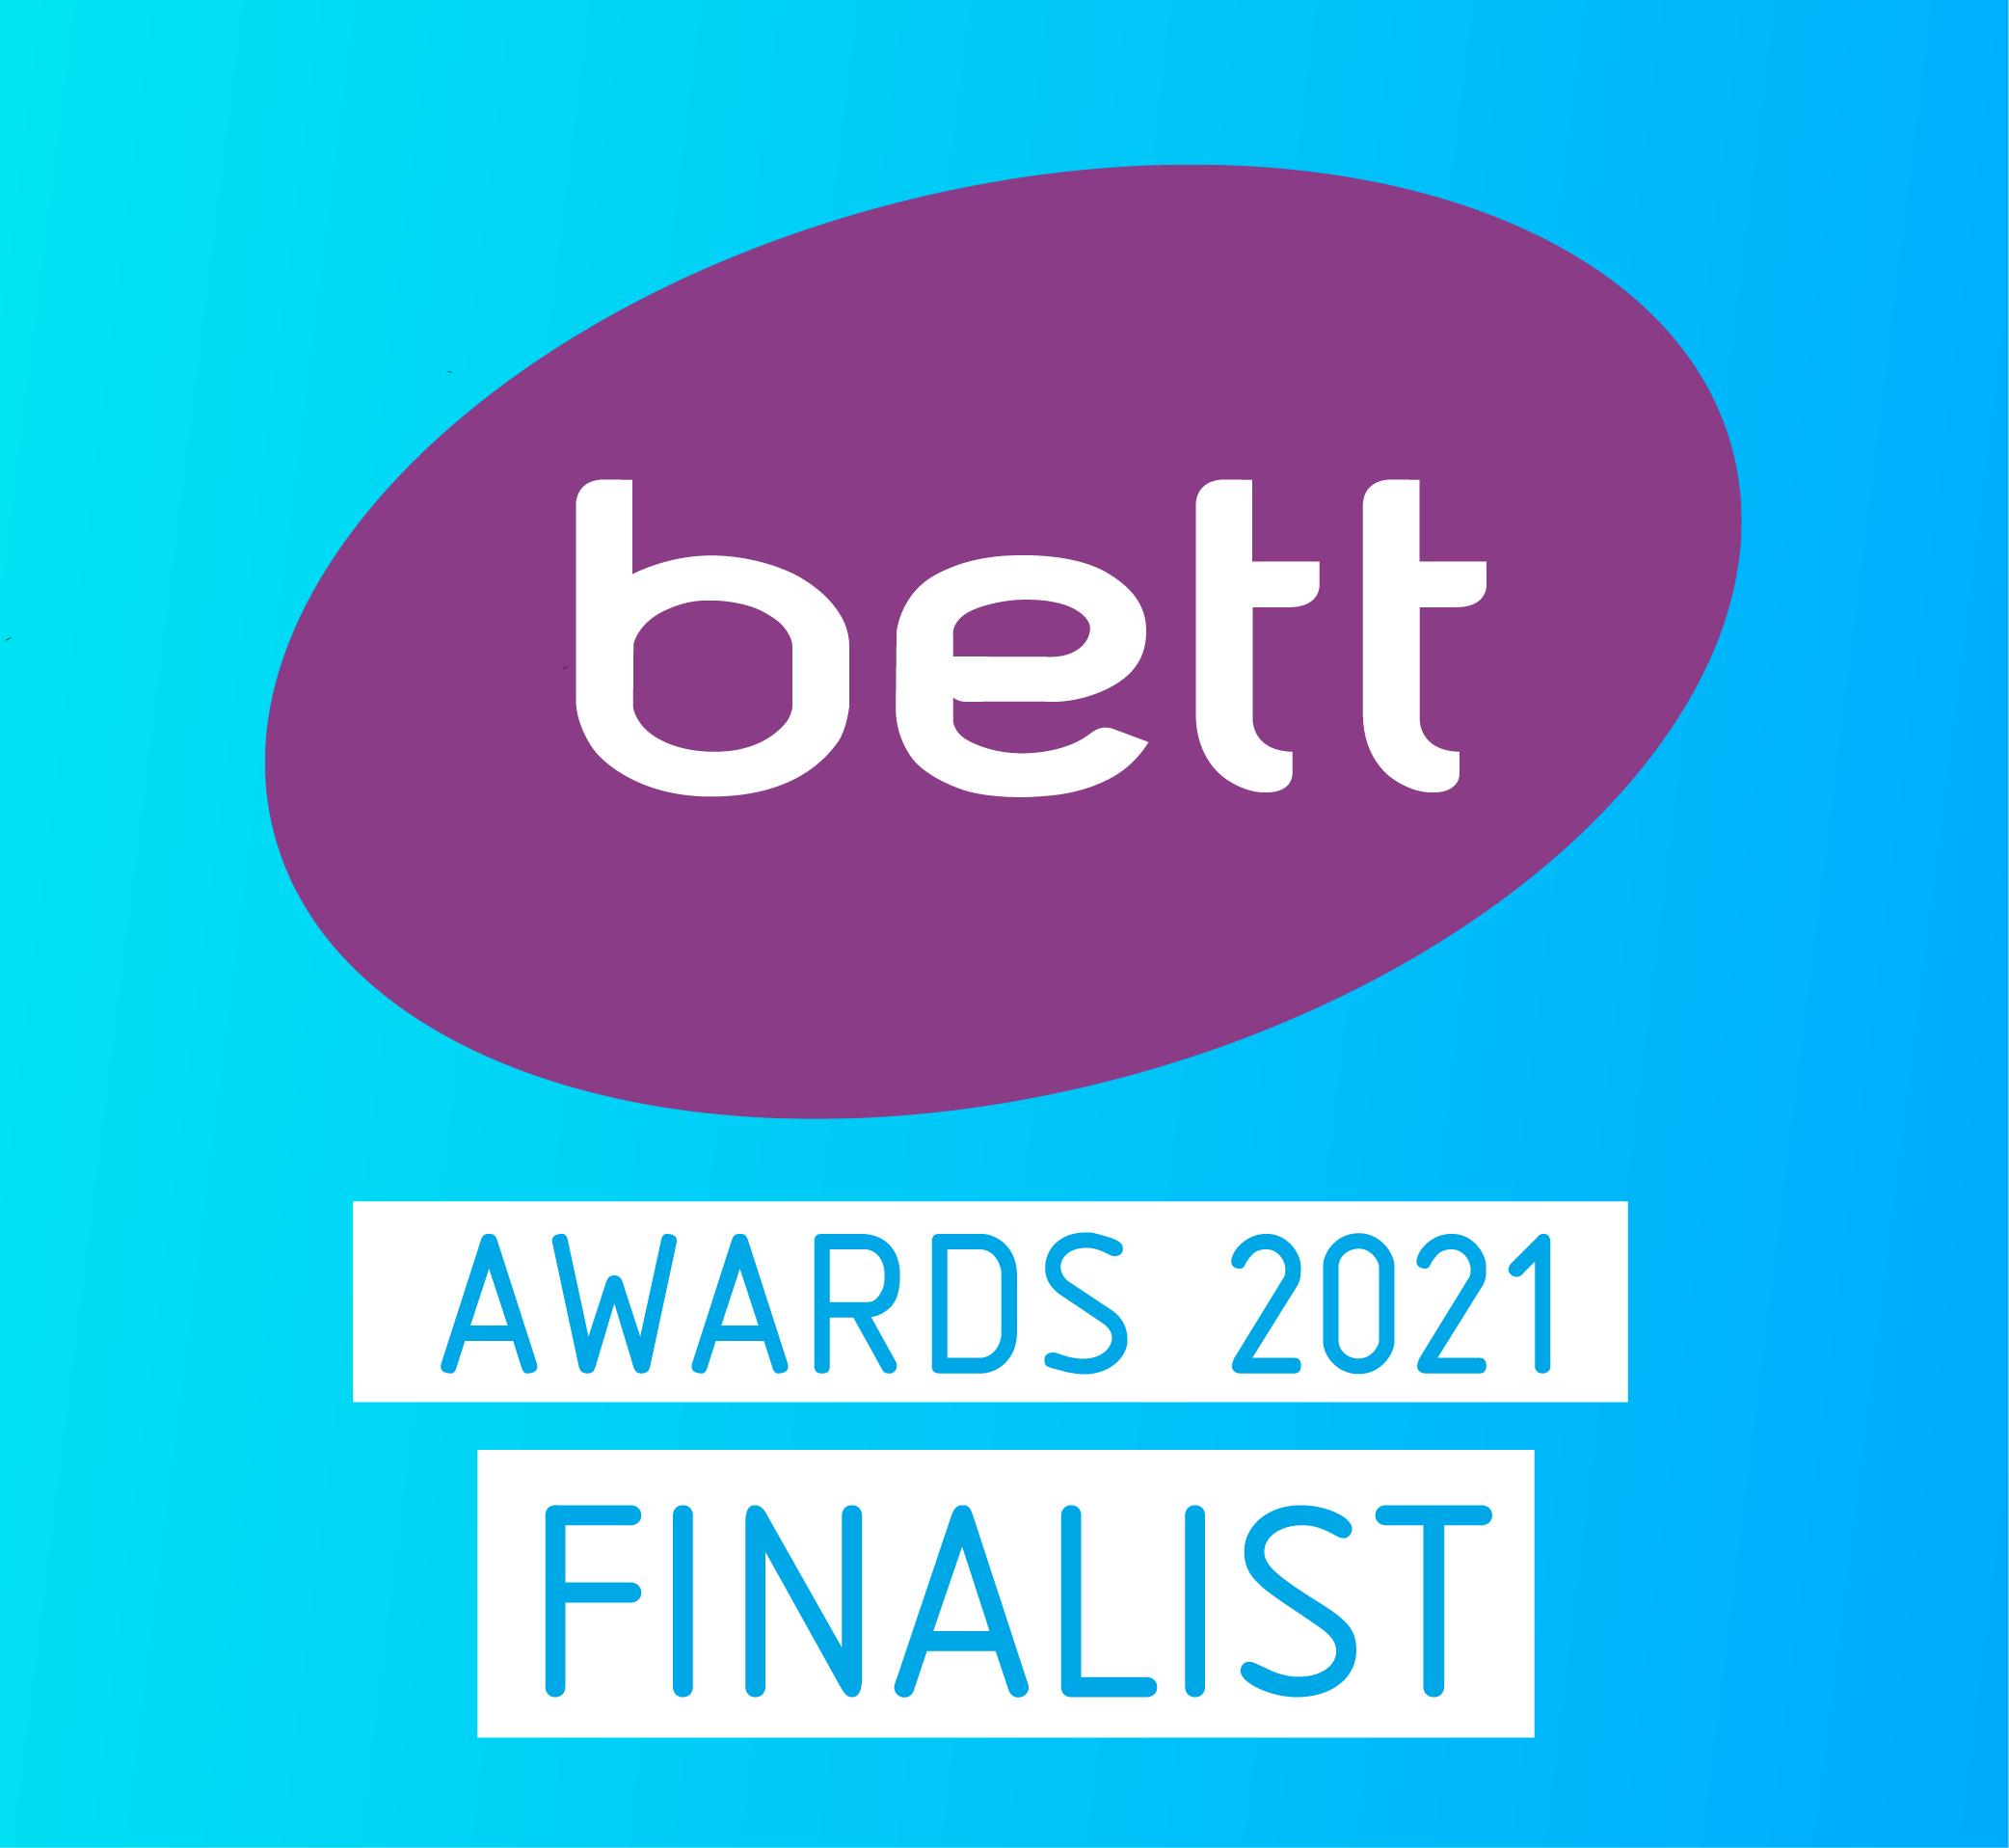 Bett 2021 Awards Finalist Logo